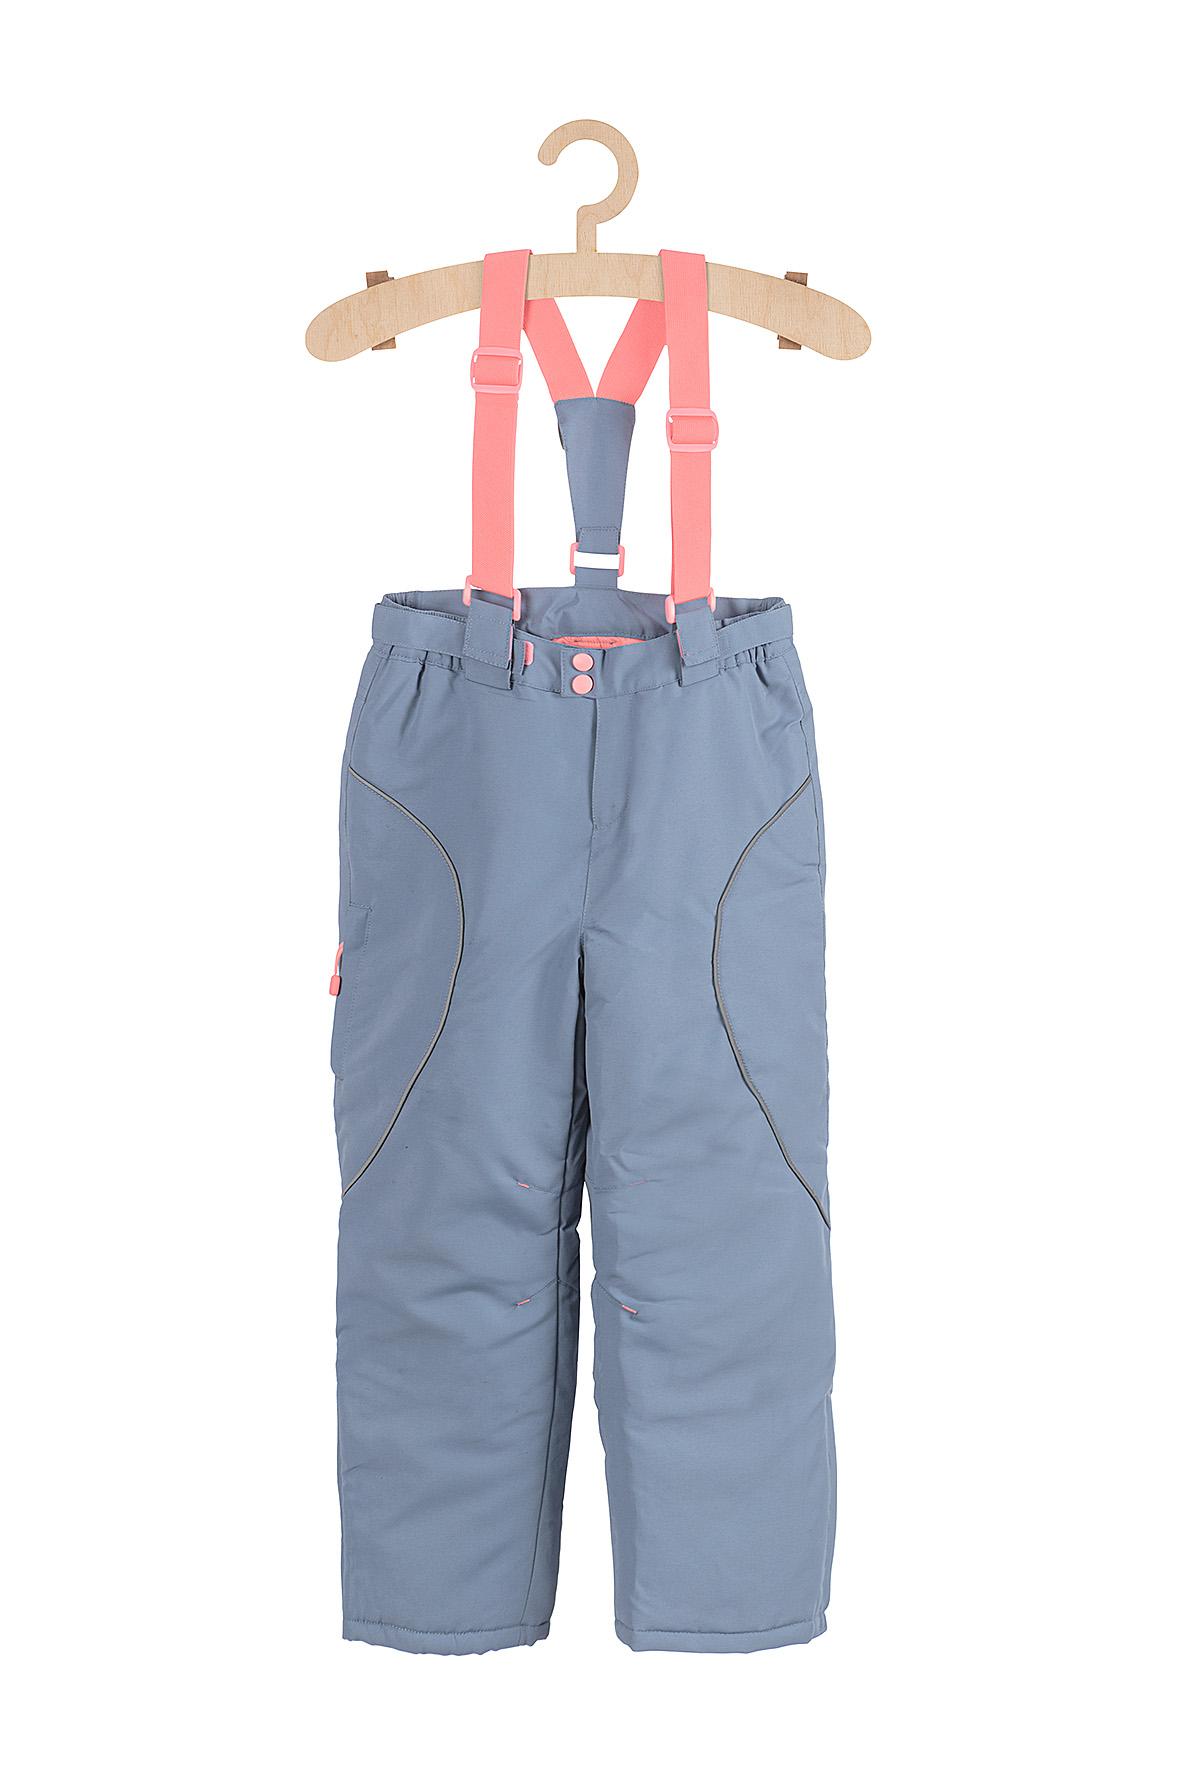 Spodnie narciarskie dziewczęce 3A3708